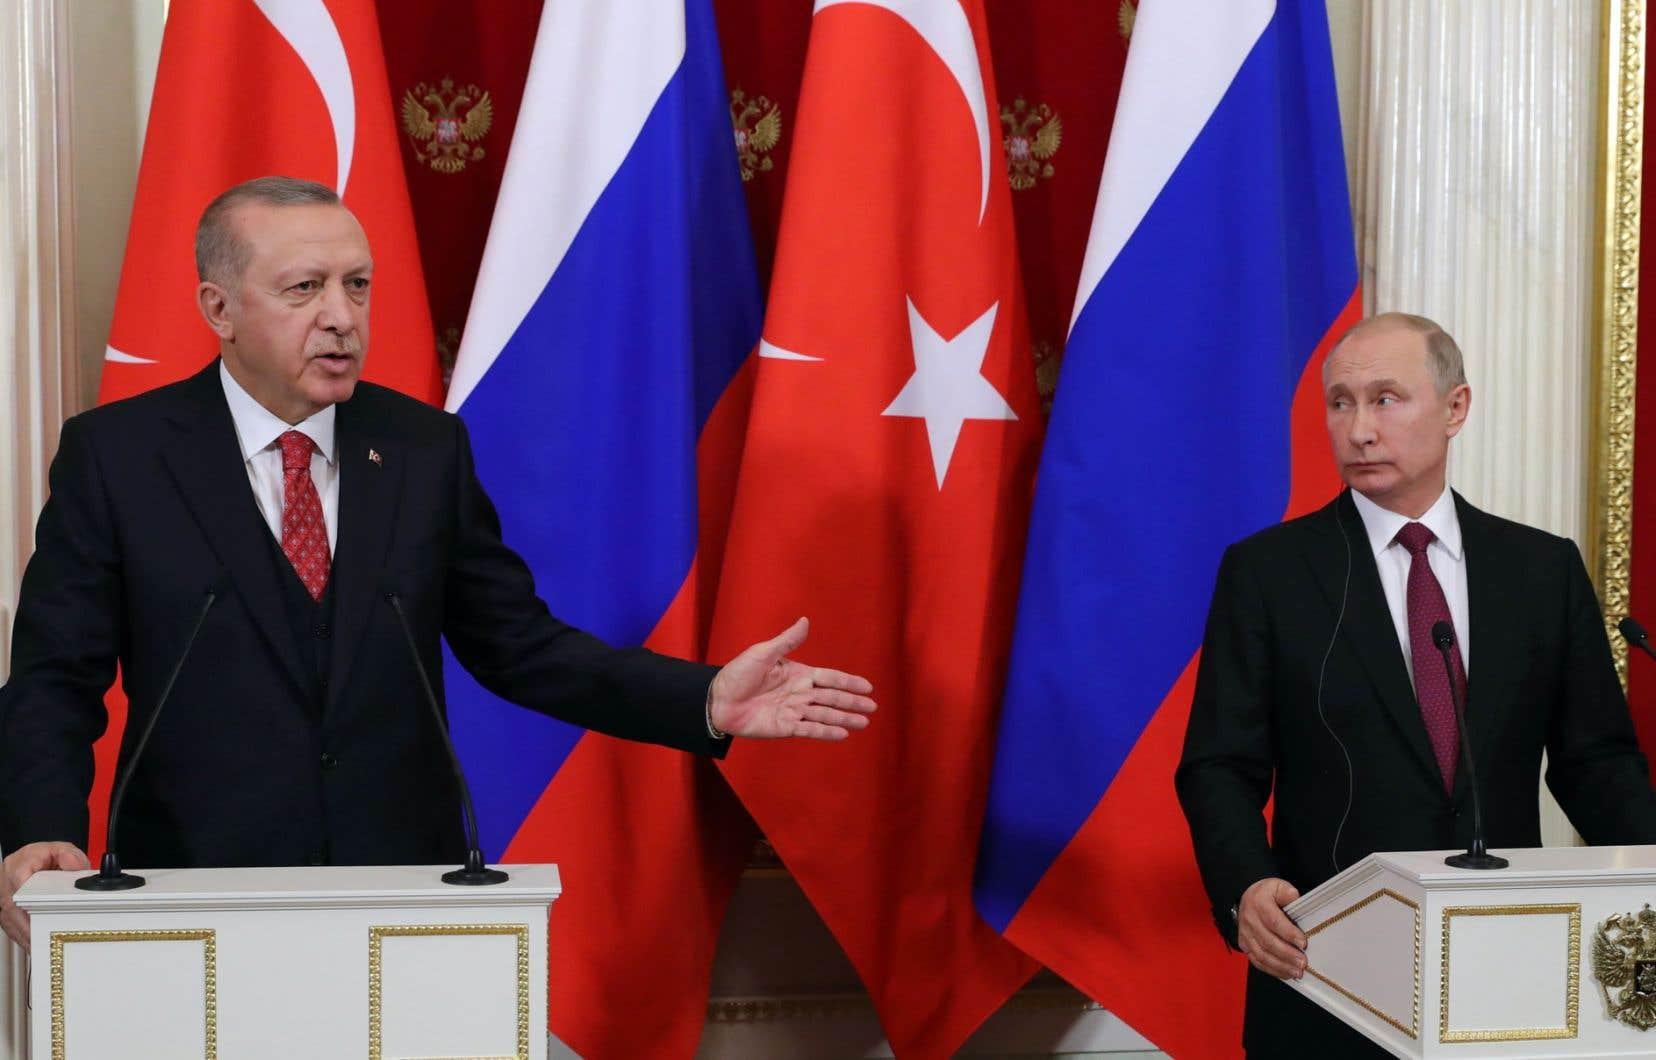 Dans un discours lundi, M.Erdogan a indiqué qu'il plaiderait auprès de M.Poutine en faveur de la création d'une «zone de sécurité» administrée par la Turquie dans le nord.